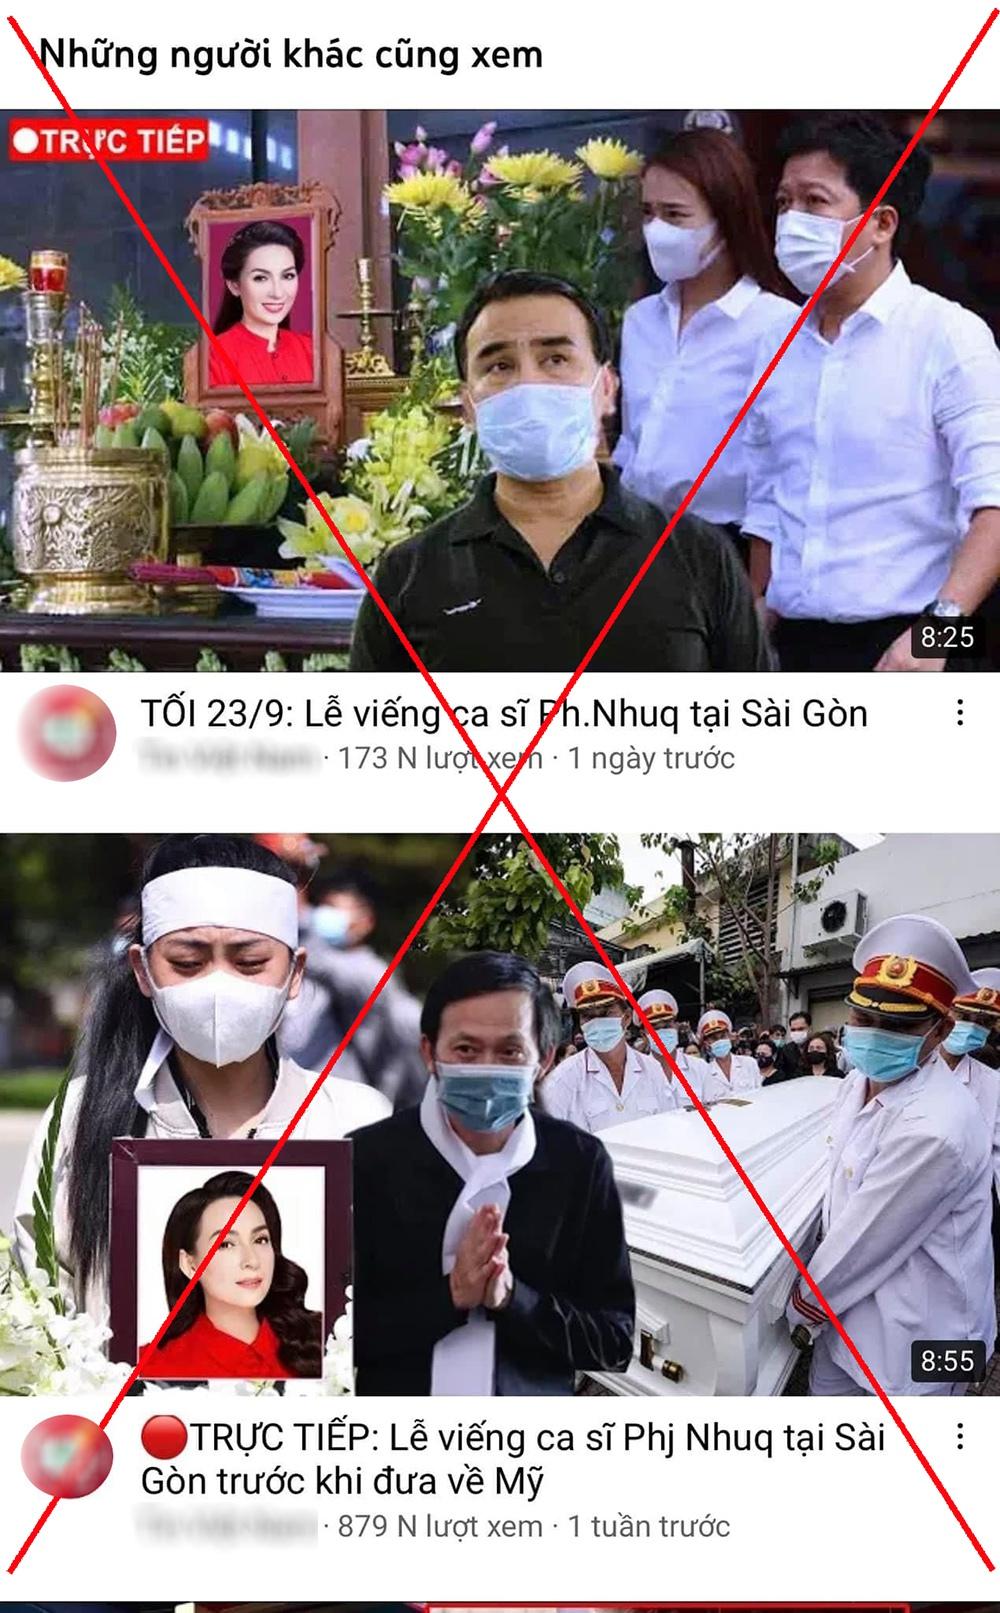 Phẫn nộ việc tung tin thất thiệt về Phi Nhung của nhiều youtuber - Ảnh 3.